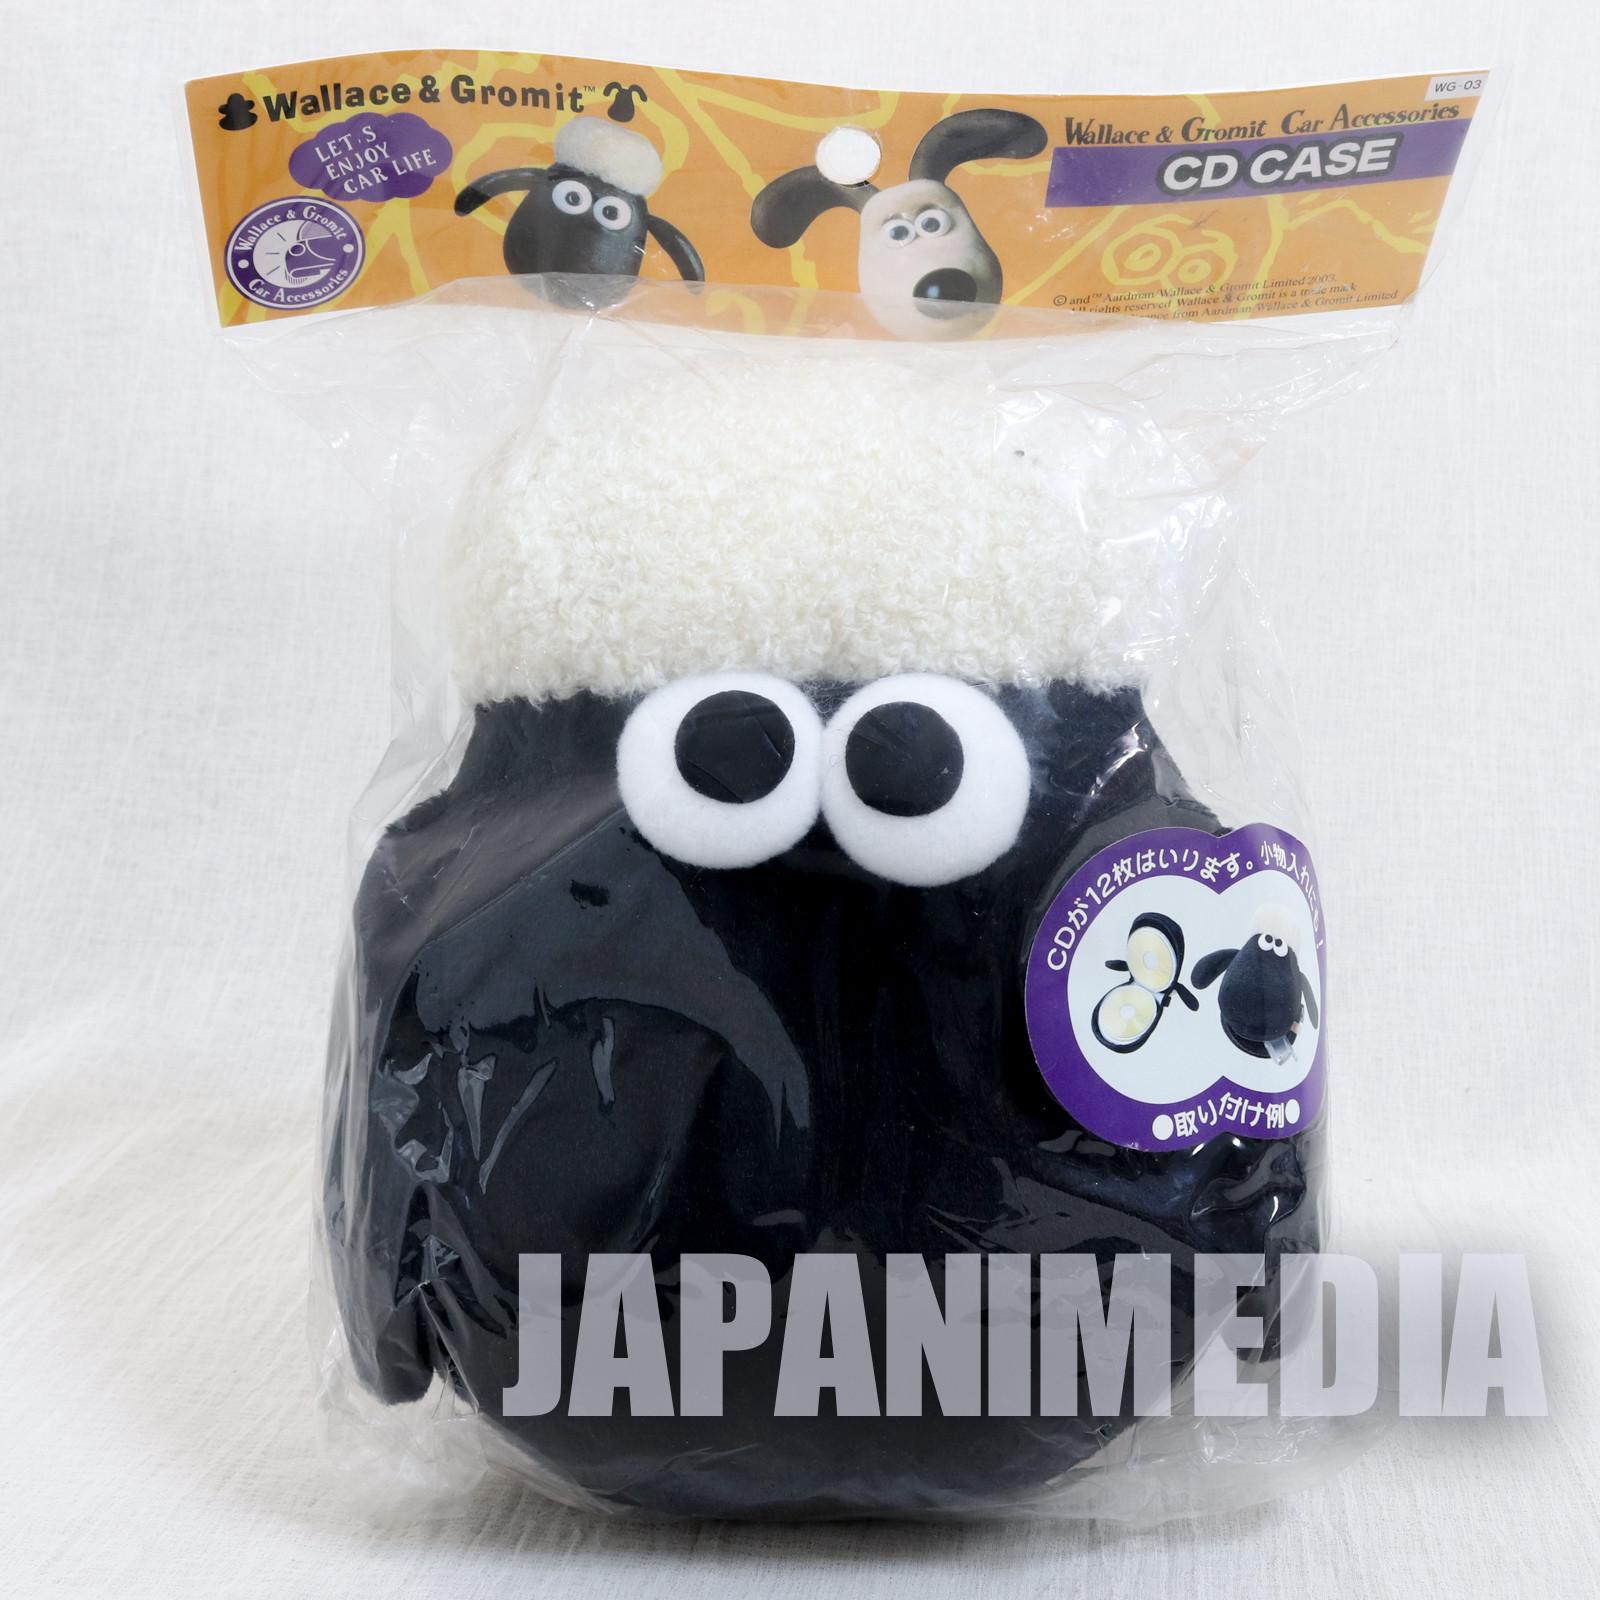 Wallace & Gromit Shaun Plush type CD disk Case JAPAN Ardman ANIME